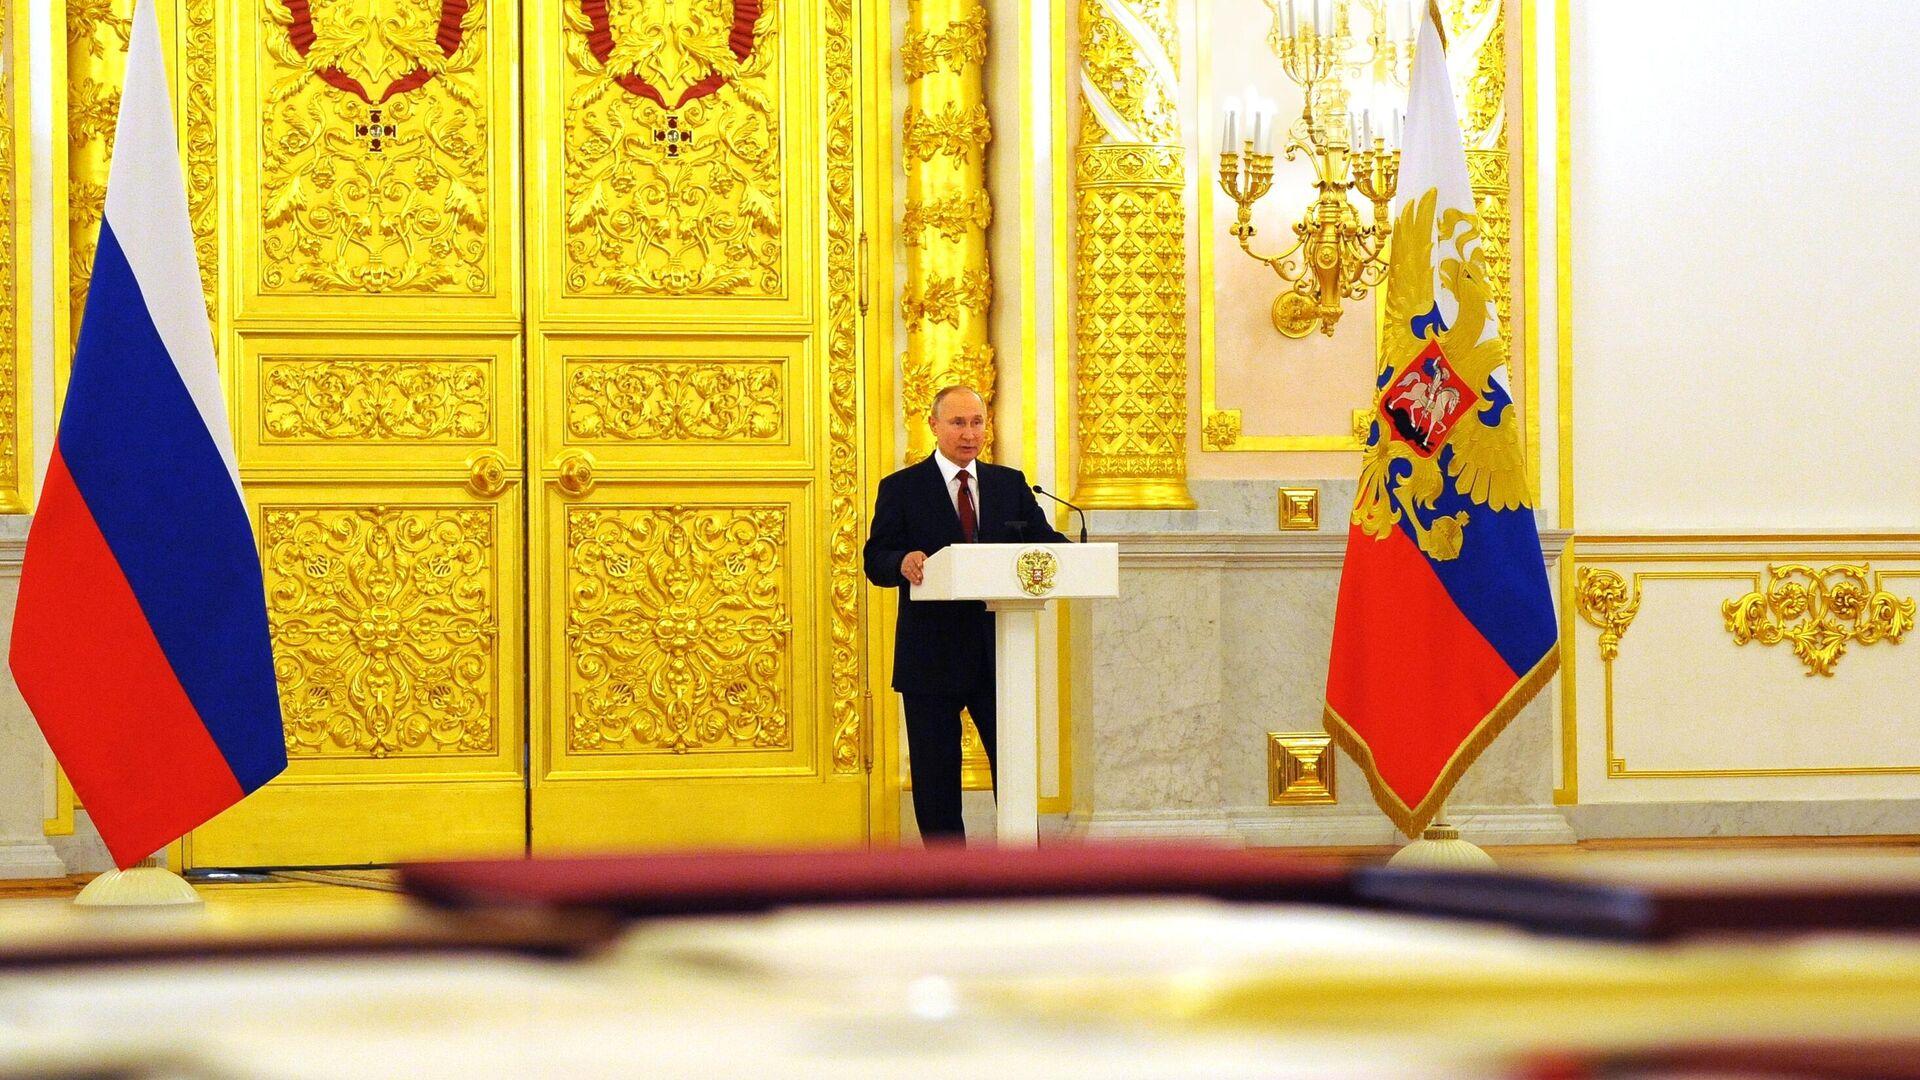 El presidente de Rusia, Vladímir Putin, en la ceremonia de entrega de cartas credenciales - Sputnik Mundo, 1920, 18.05.2021